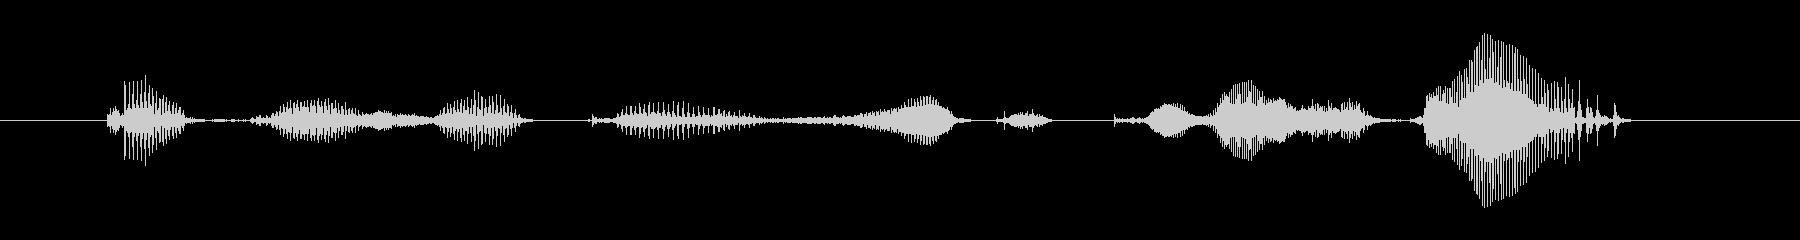 【ラジオ・パーソナリティ・ED】明坂ひ…の未再生の波形